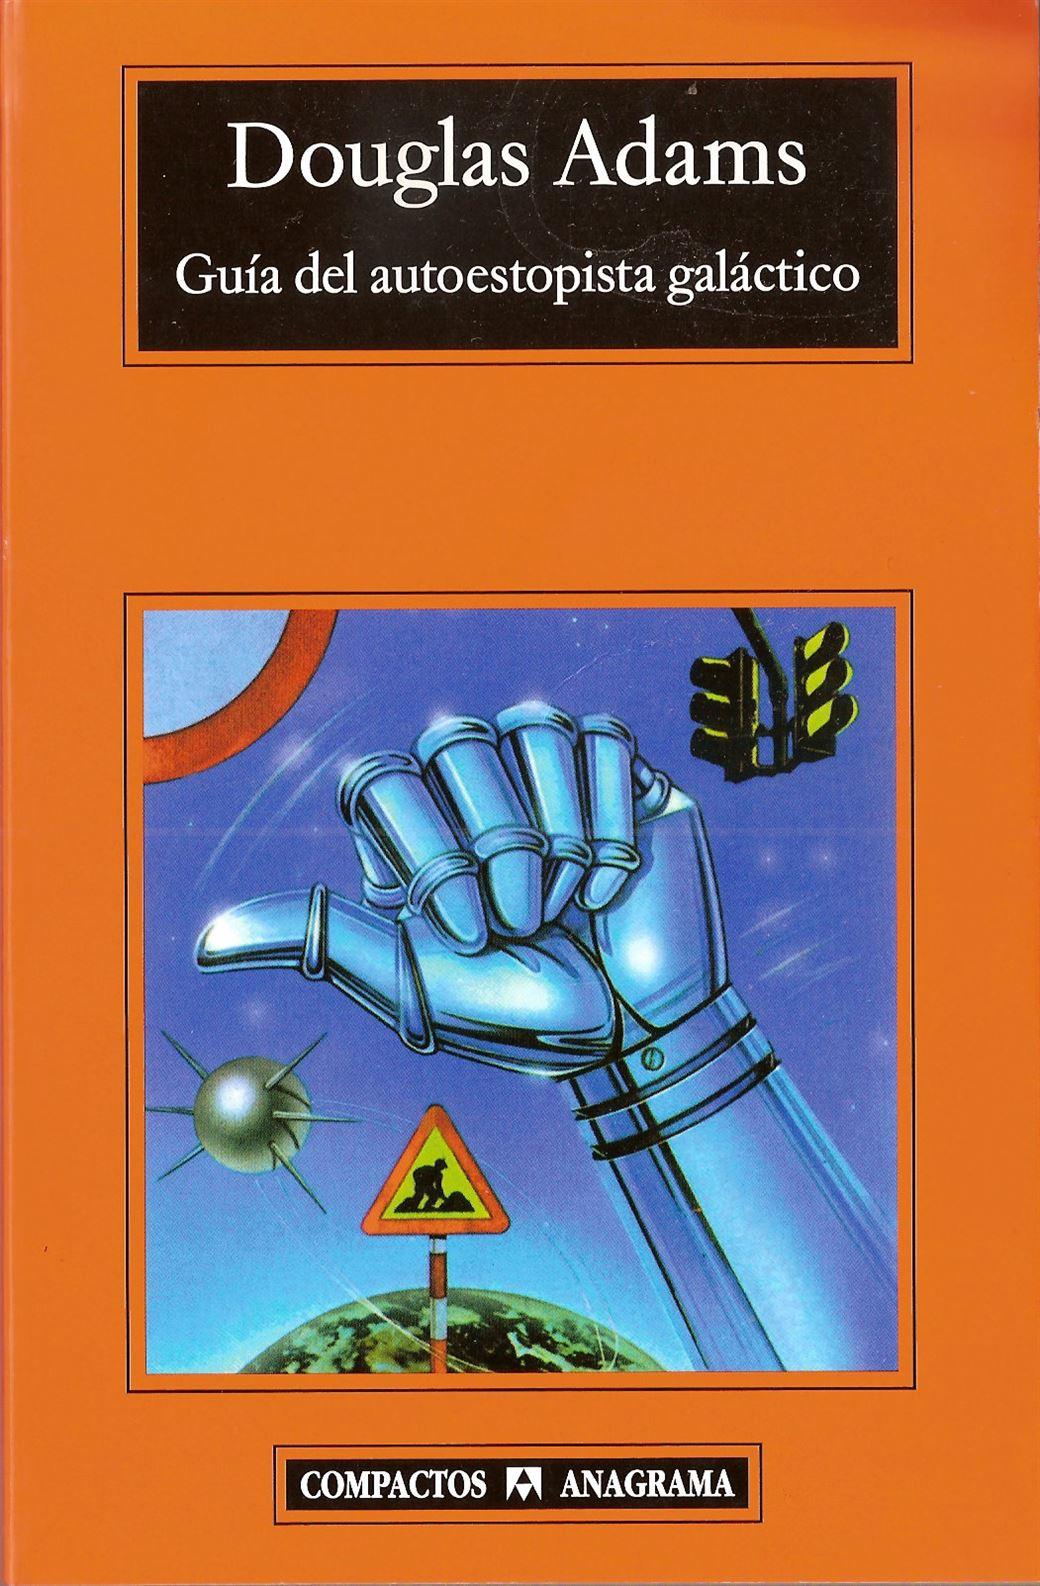 Guía del autoestopista galáctico,  Douglas Adams- 1979